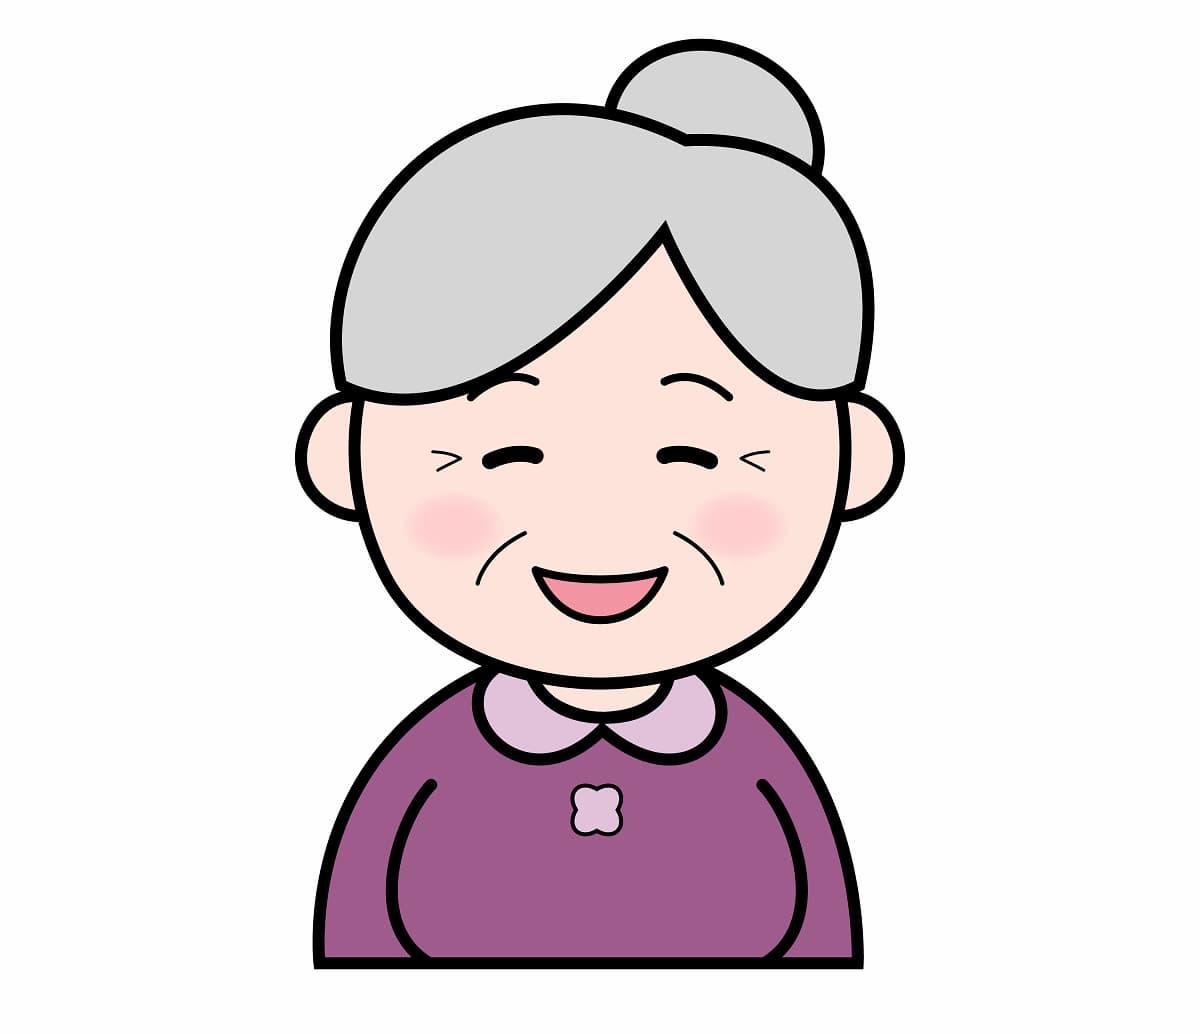 無料 おばあちゃんイラスト画像のまとめ かわいい無料イラスト イラストの描き方